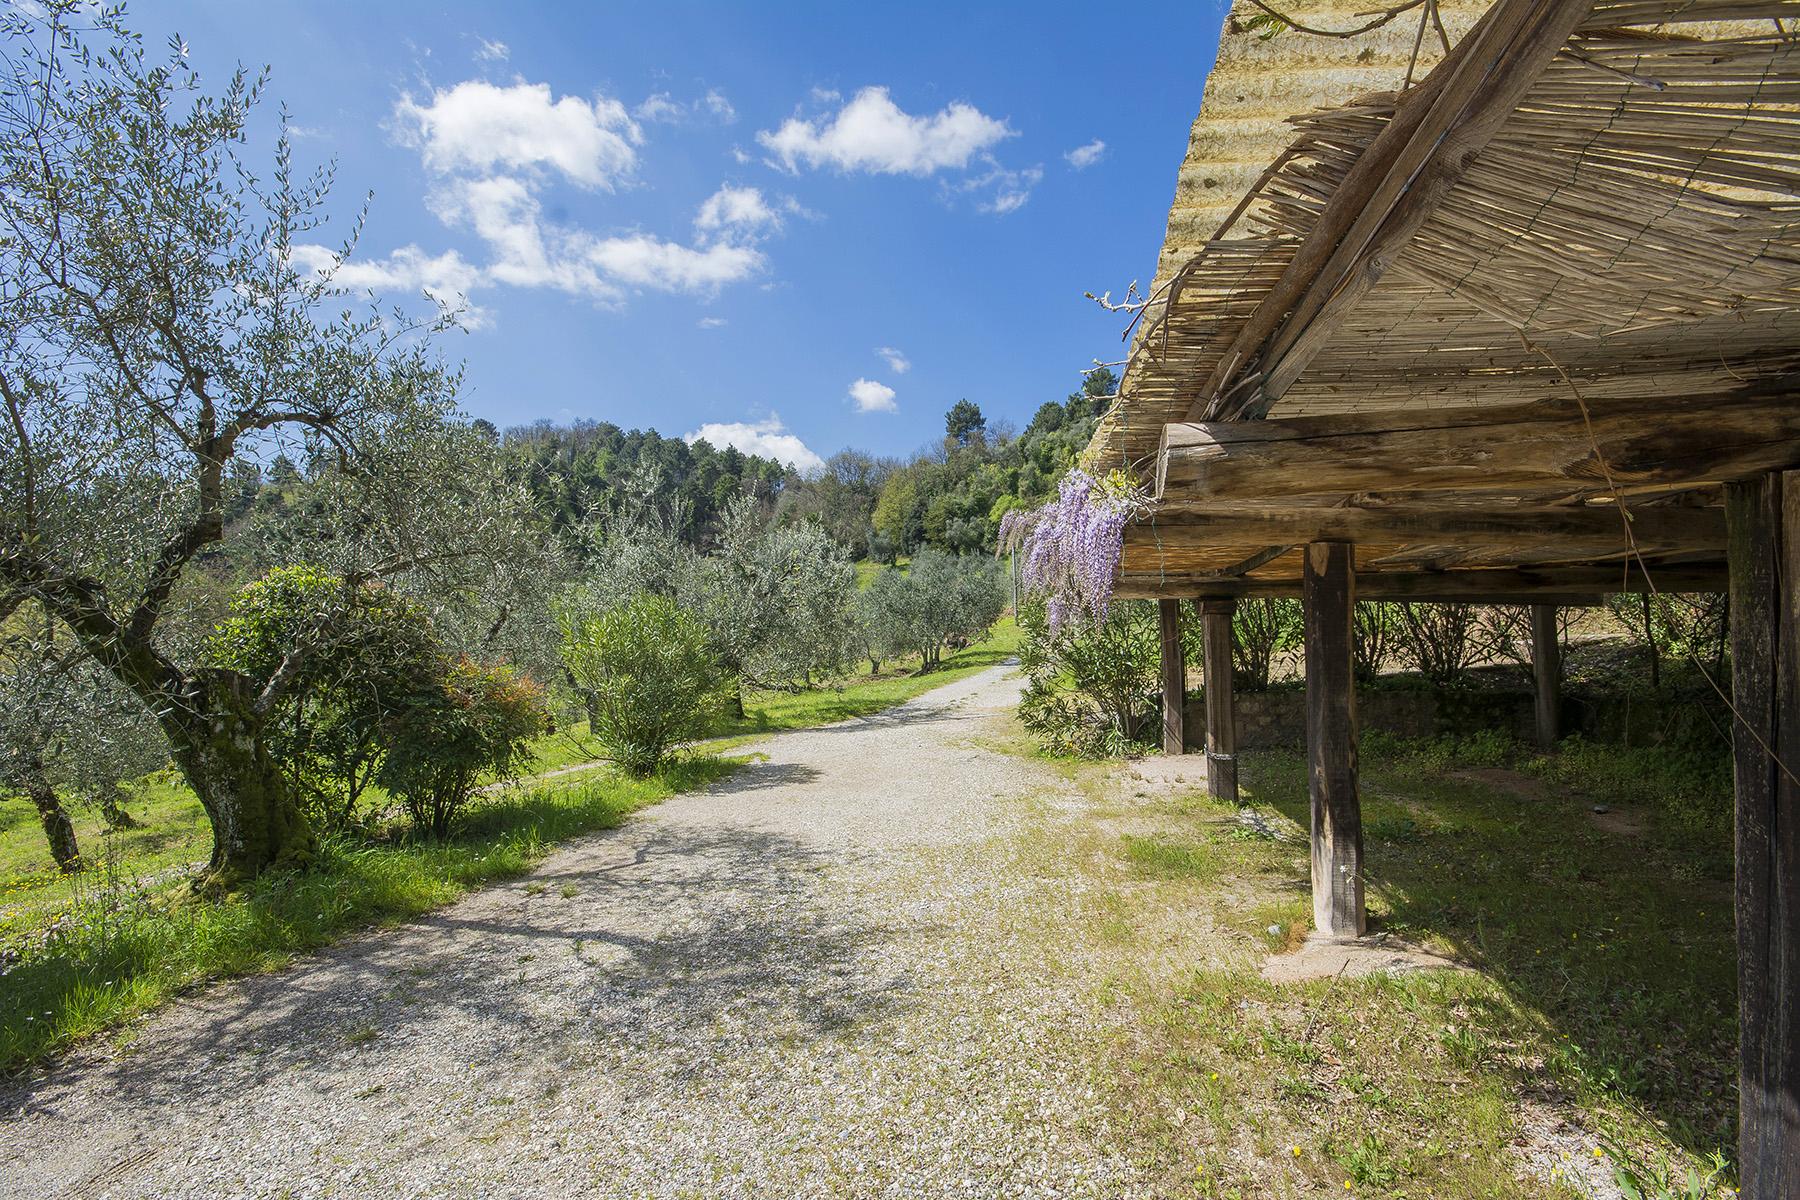 Rustico in Vendita a Camaiore: 5 locali, 440 mq - Foto 15